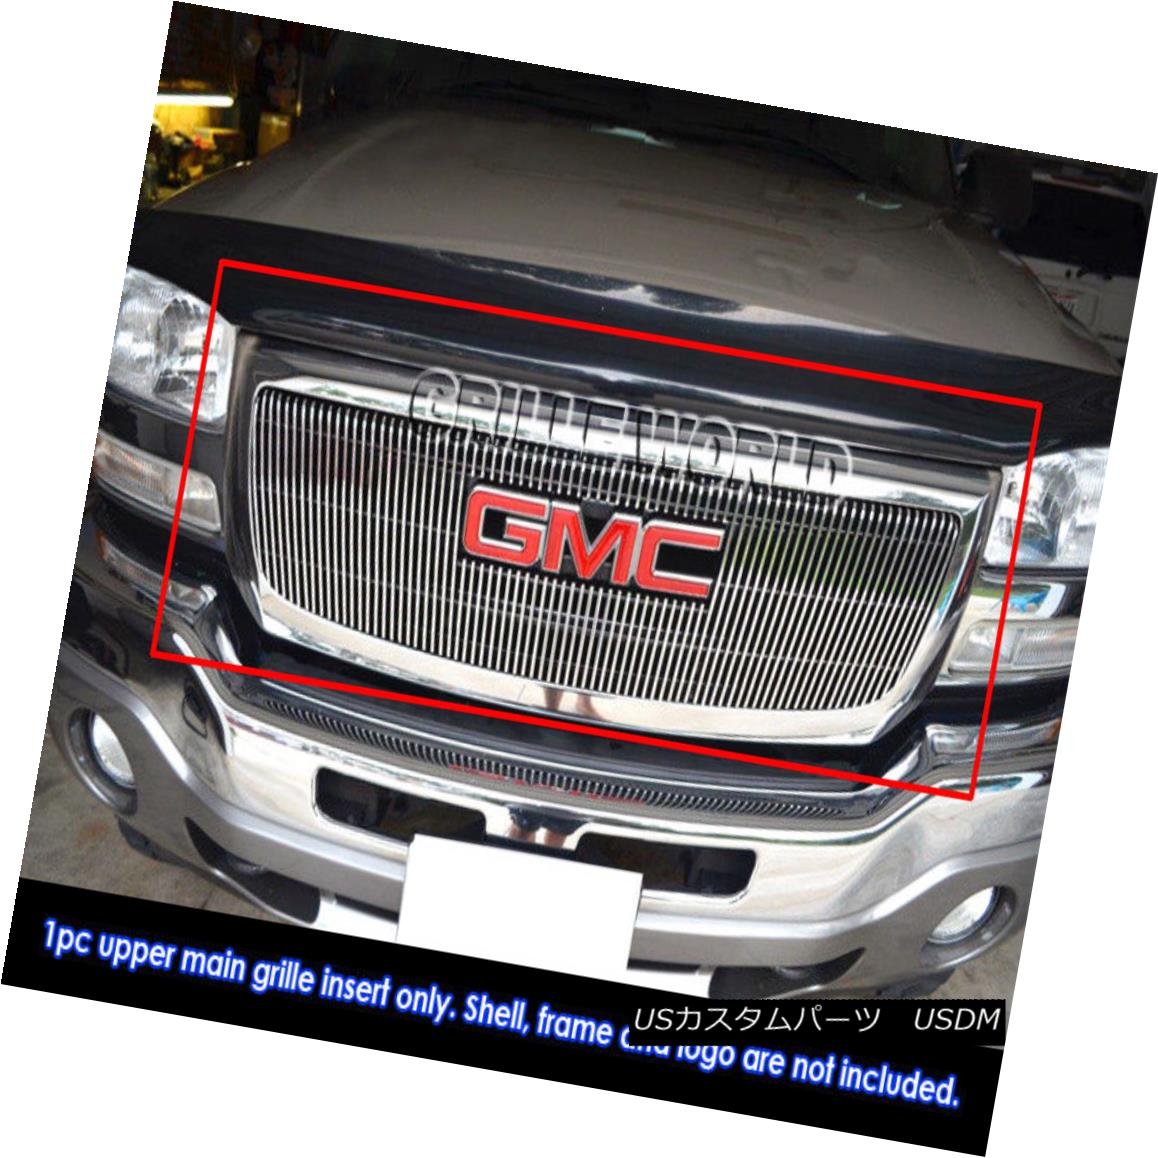 グリル For 03-06 GMC Sierra Pickup Vertical Billet Grille Grill Insert 03-06 GMC Sierra Pickup用縦型ビレットグリルグリルインサート